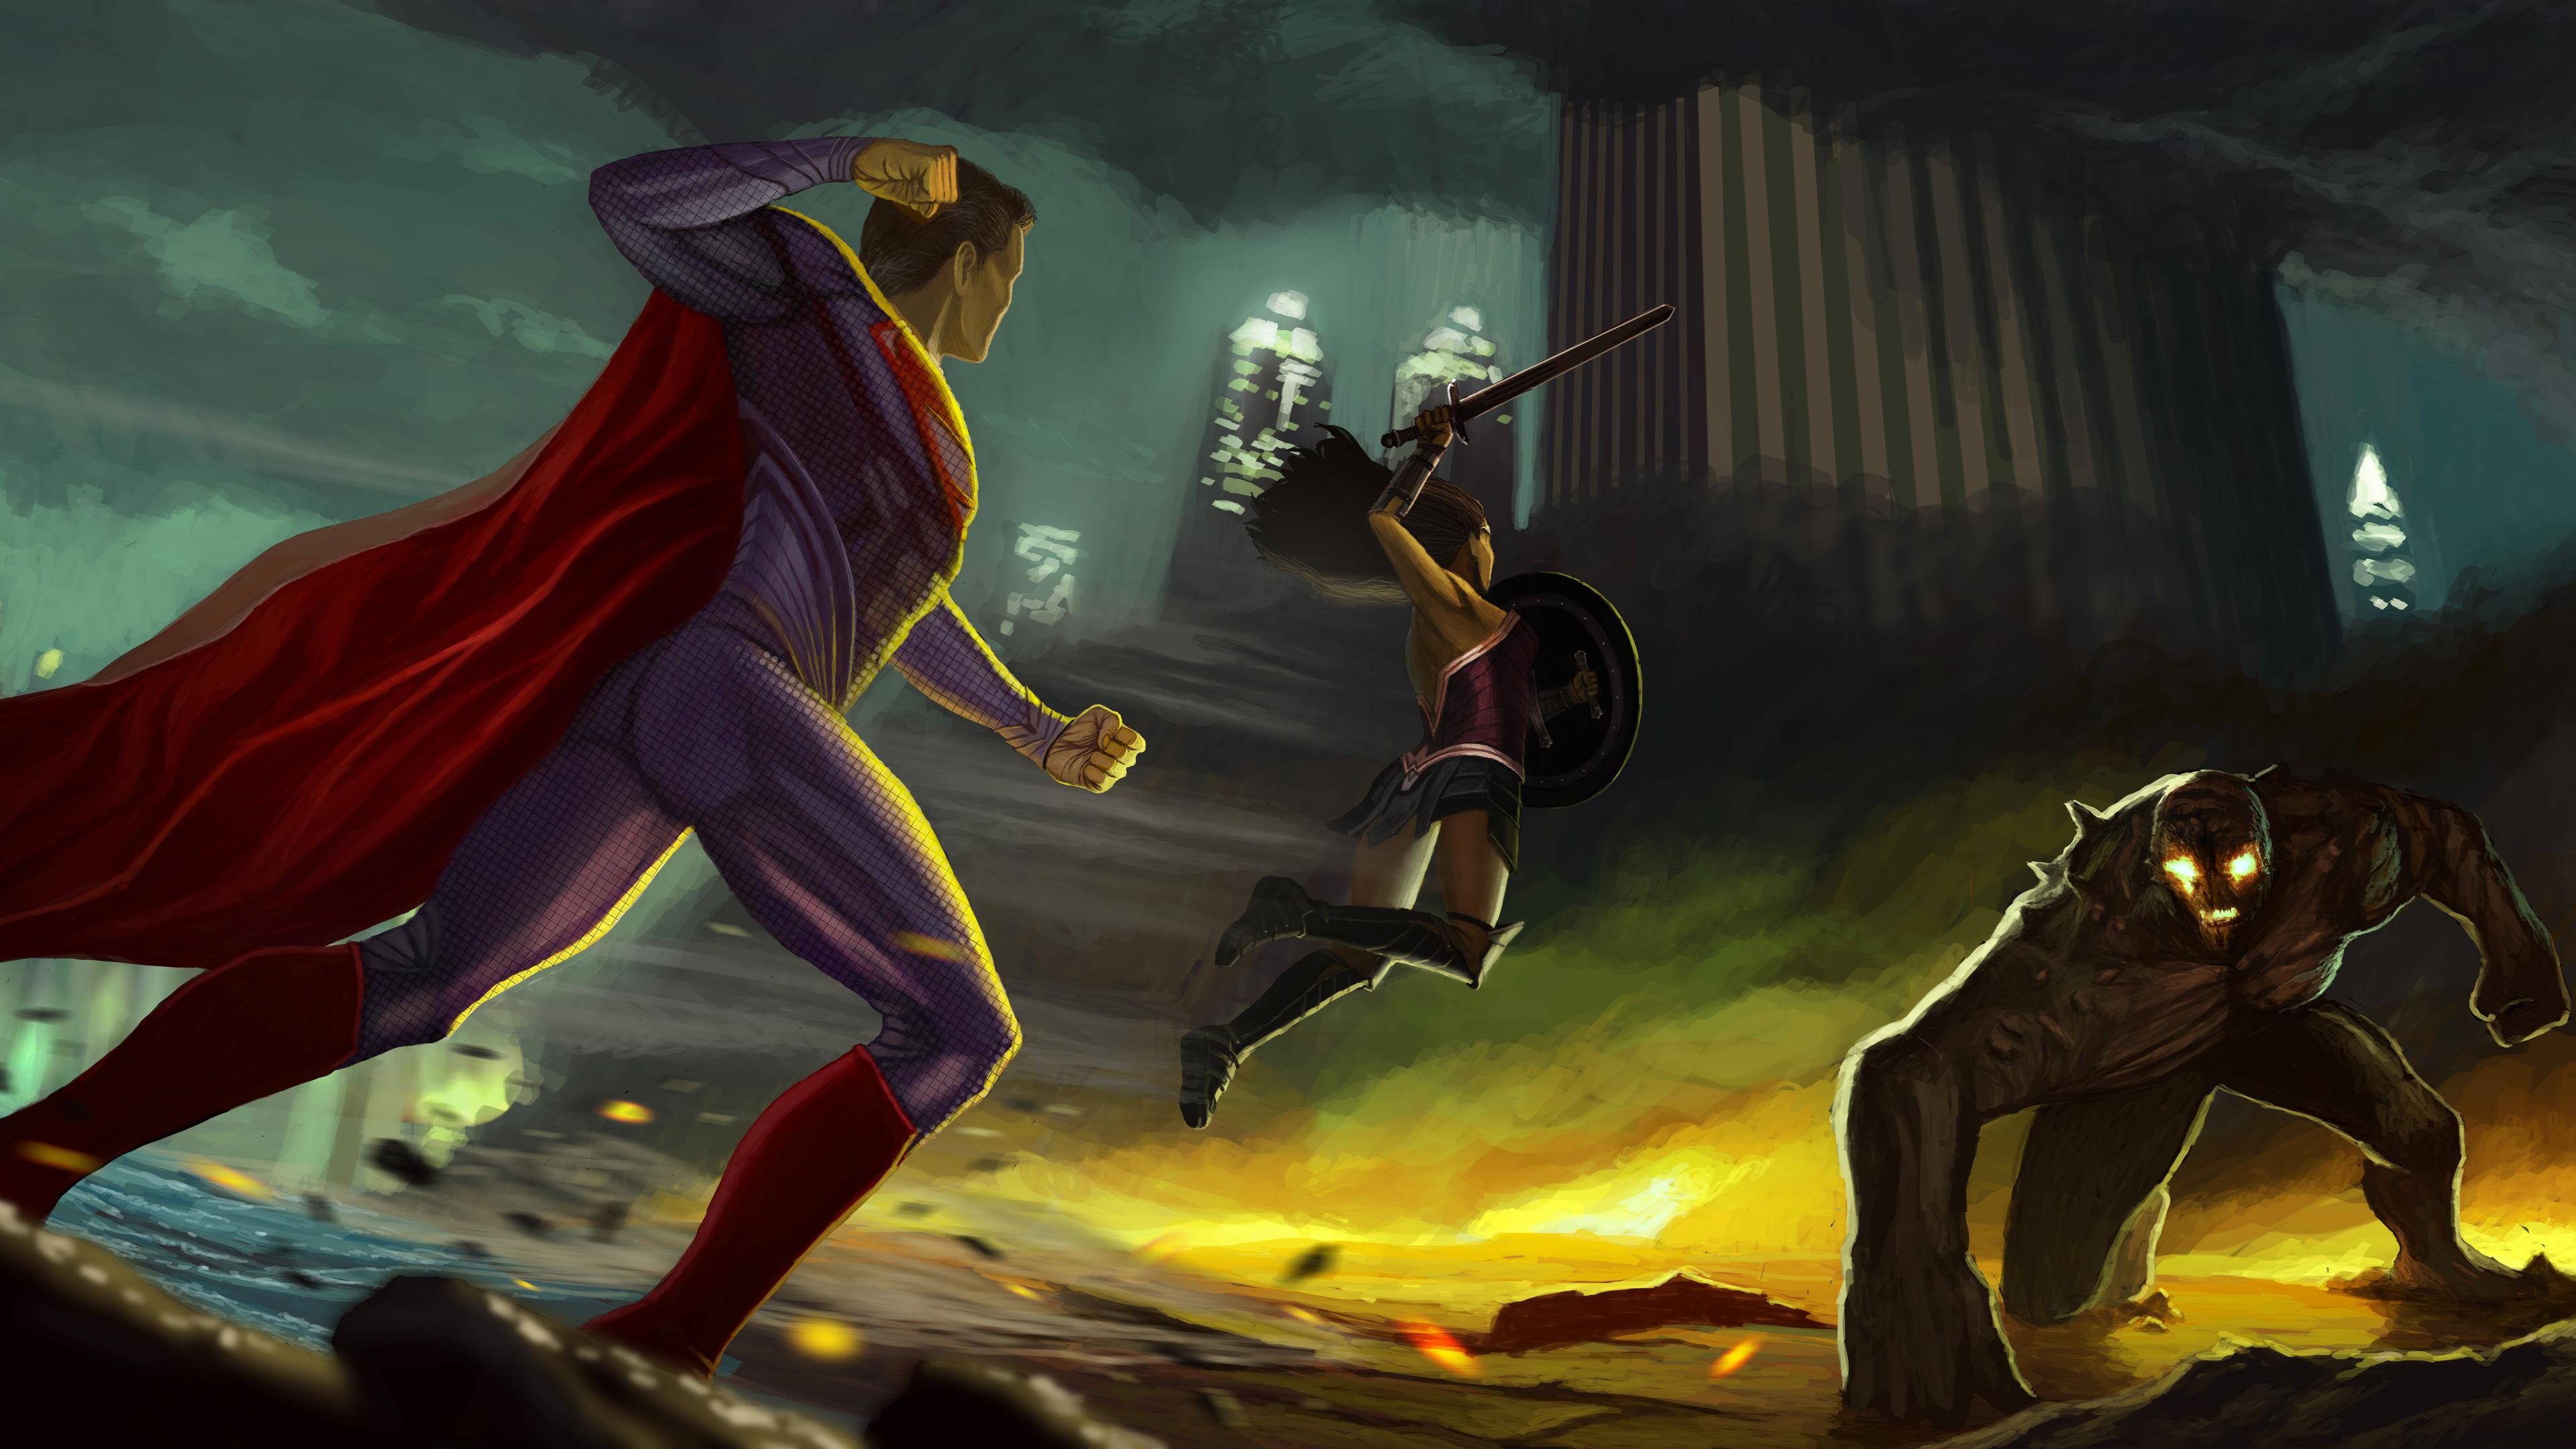 wonder woman superman fighting against doomsday 1536522720 - Wonder Woman Superman Fighting Against Doomsday - wonder woman wallpapers, superman wallpapers, superheroes wallpapers, hd-wallpapers, digital art wallpapers, artwork wallpapers, artist wallpapers, 8k wallpapers, 5k wallpapers, 4k-wallpapers